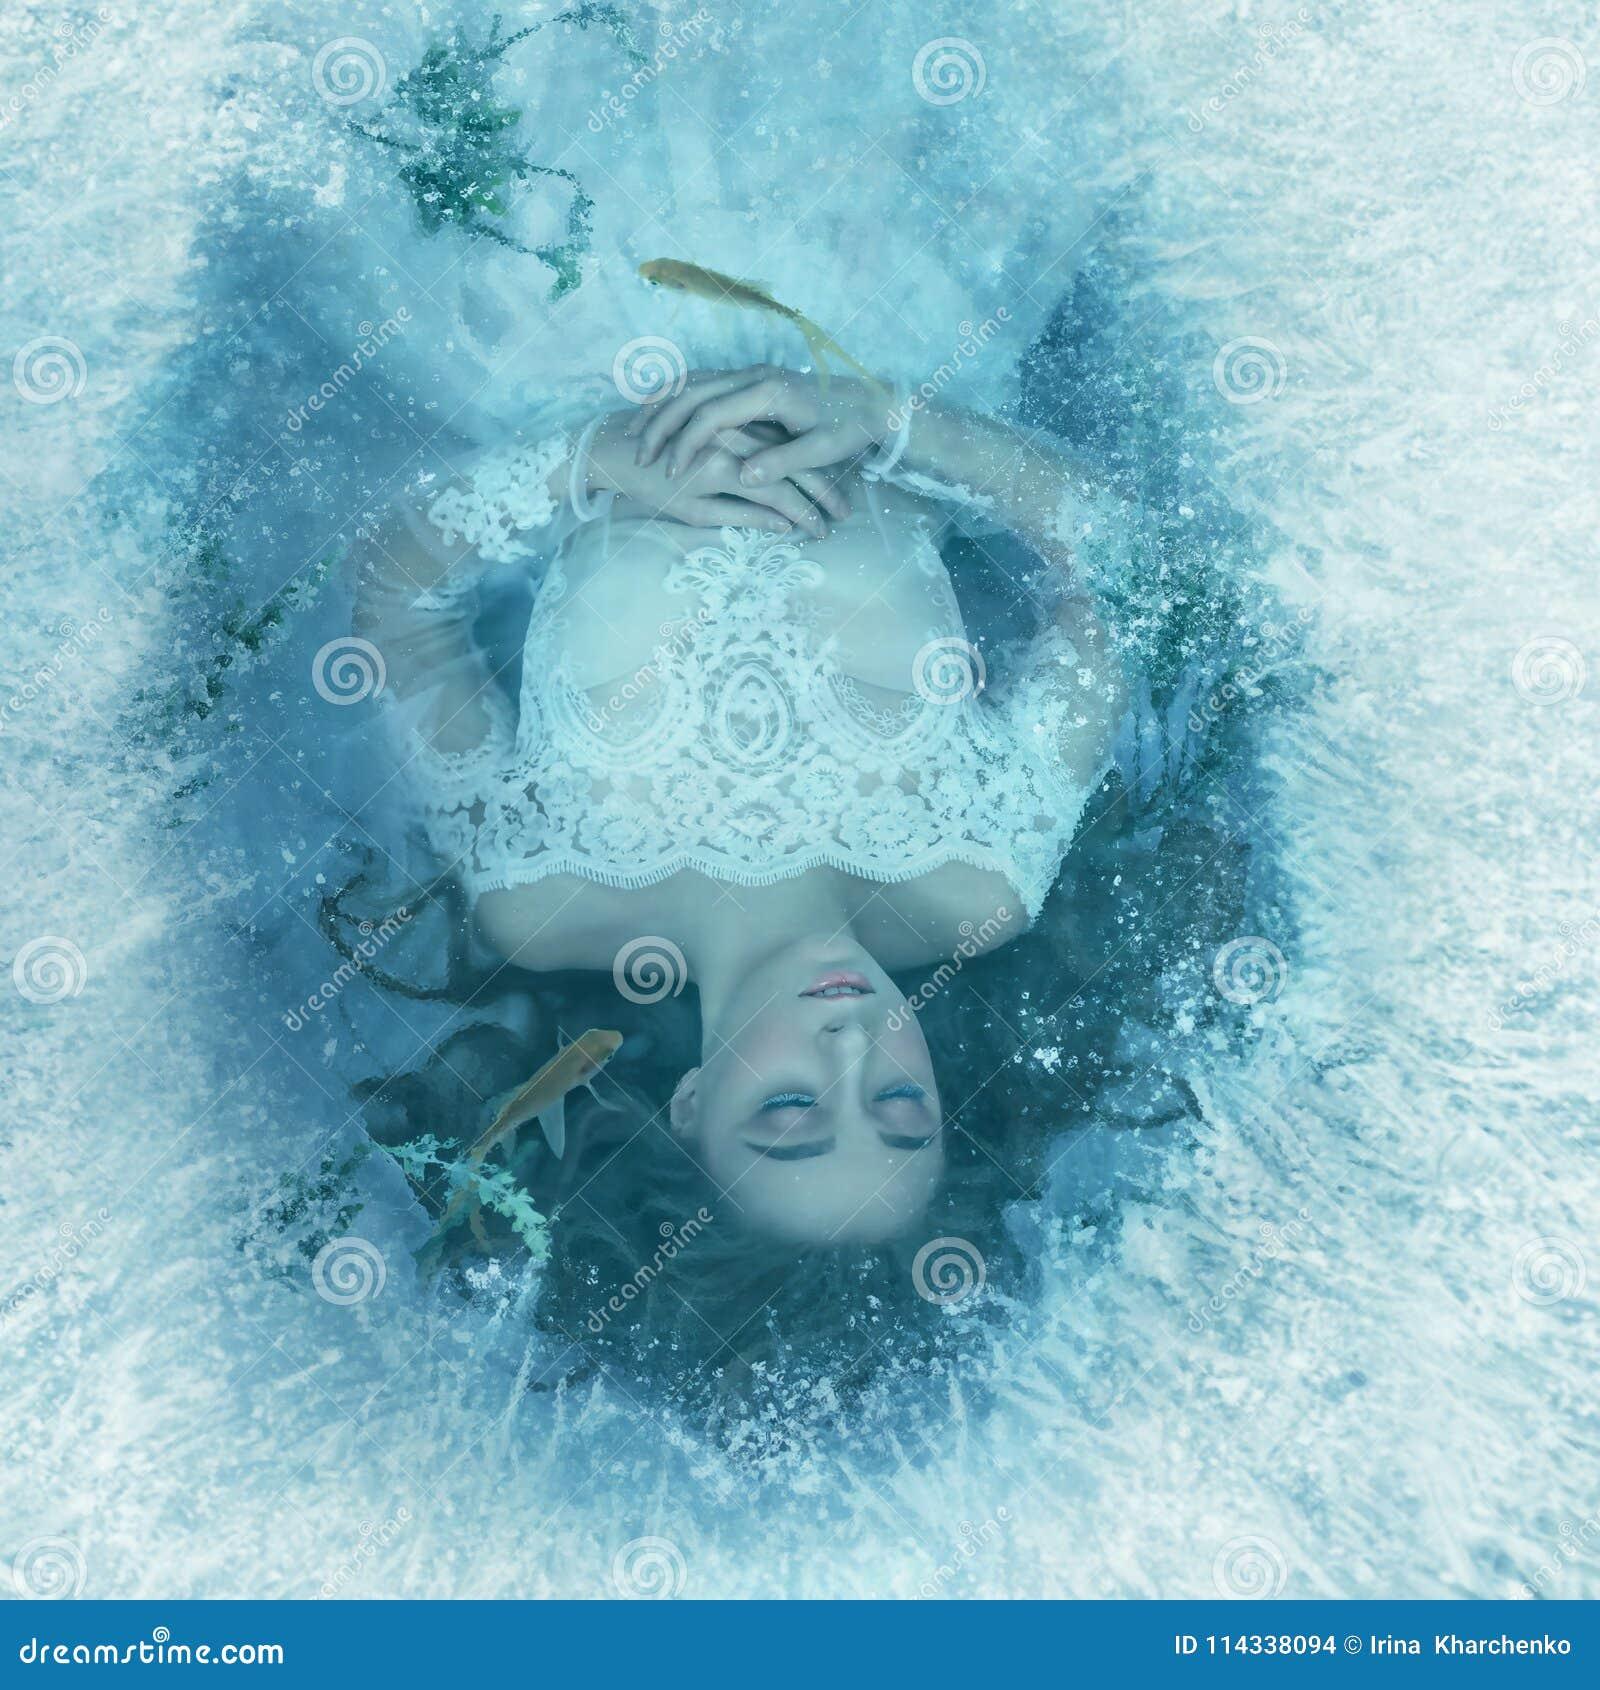 La historia de una bella durmiente La muchacha está durmiendo en la parte inferior de un lago congelado, pescado y la alga marina